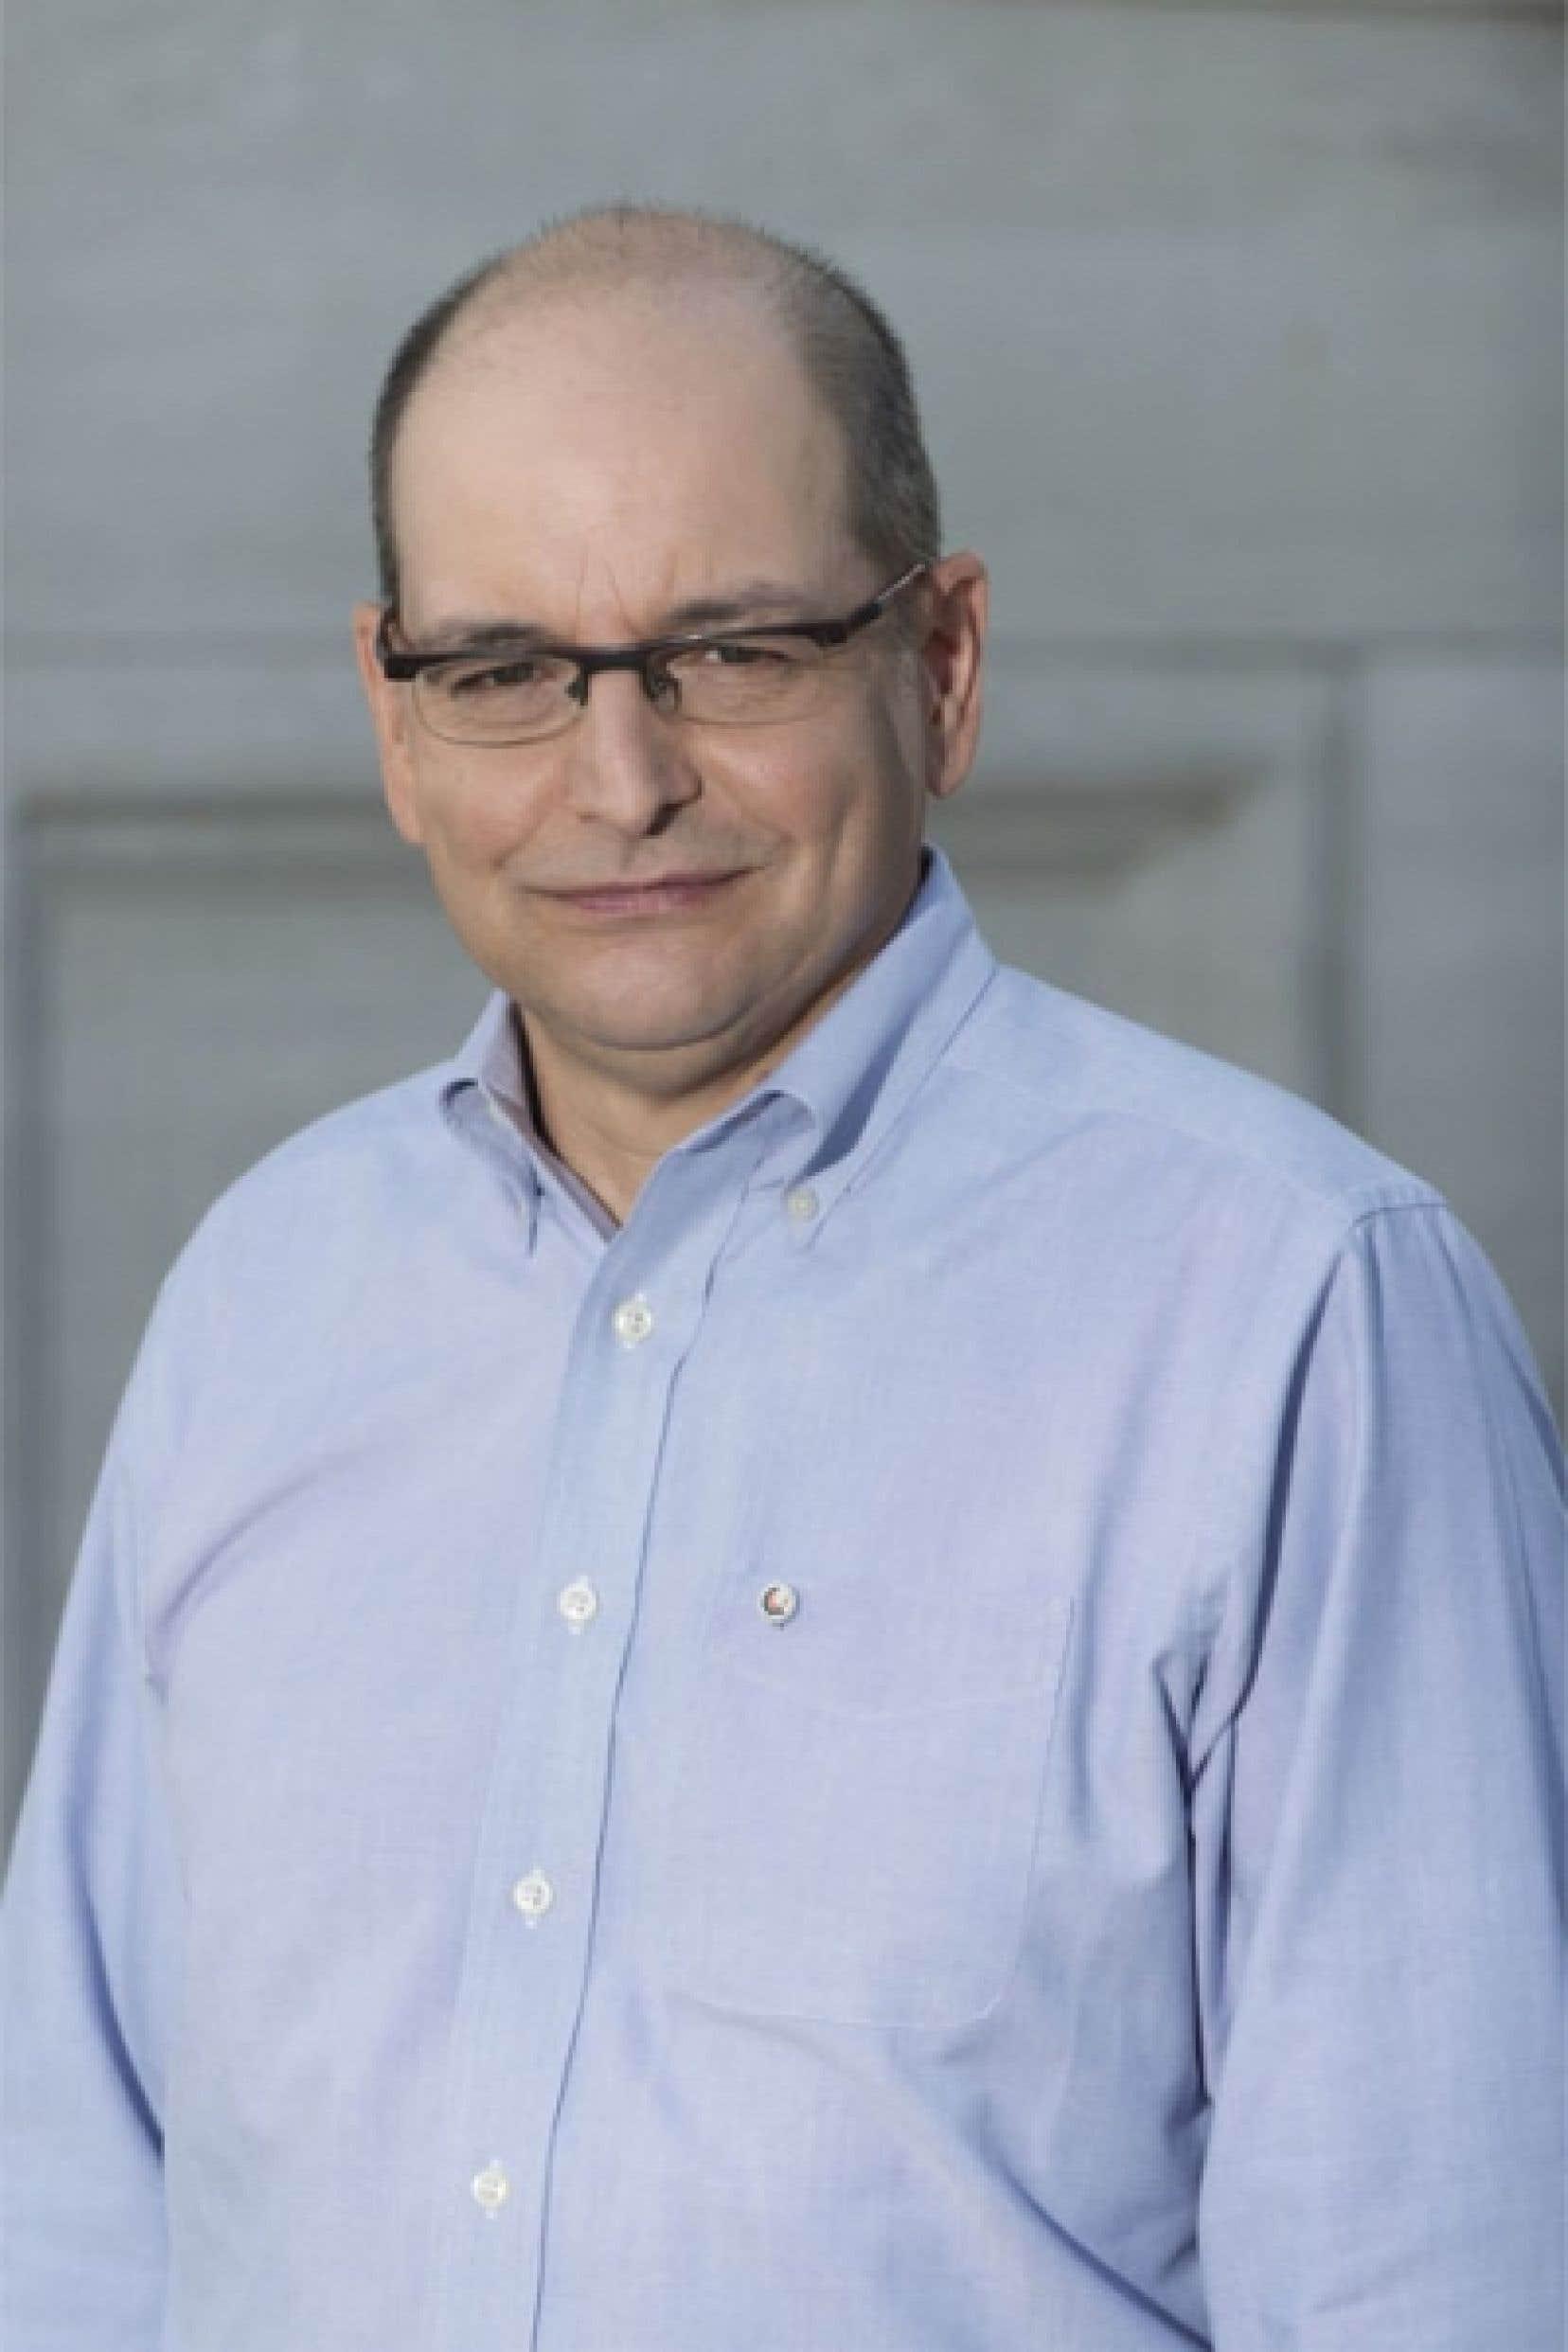 Benoît Melançon croit que son blogue sur la langue, L'Oreille tendue, a séduit le jury.